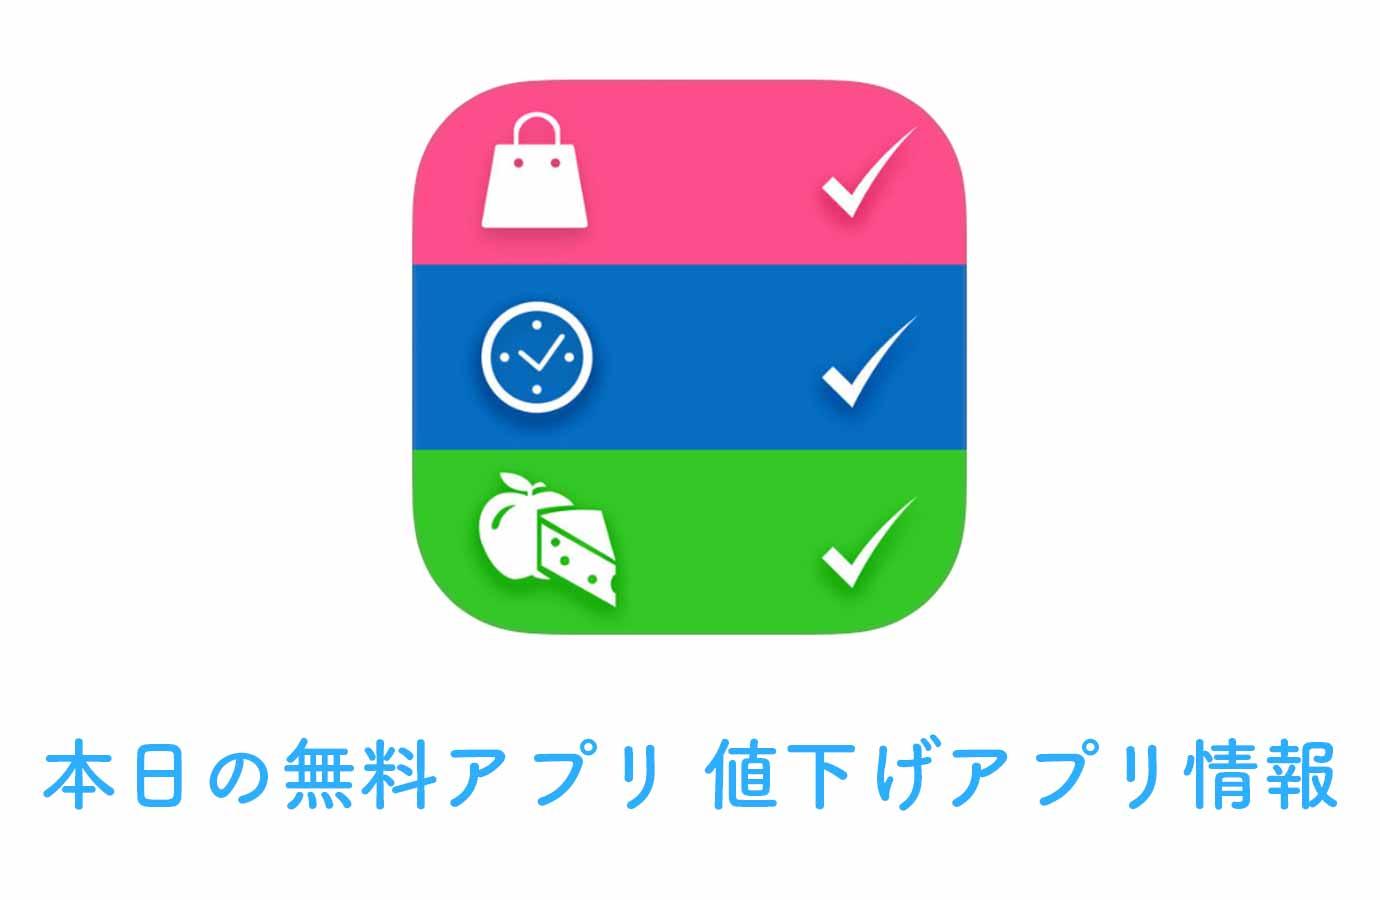 120円→無料!付箋のようなデザインで見やすく使いやすいTodoリスト「Orderly」など【1/22】本日の無料アプリ、値下げアプリ情報